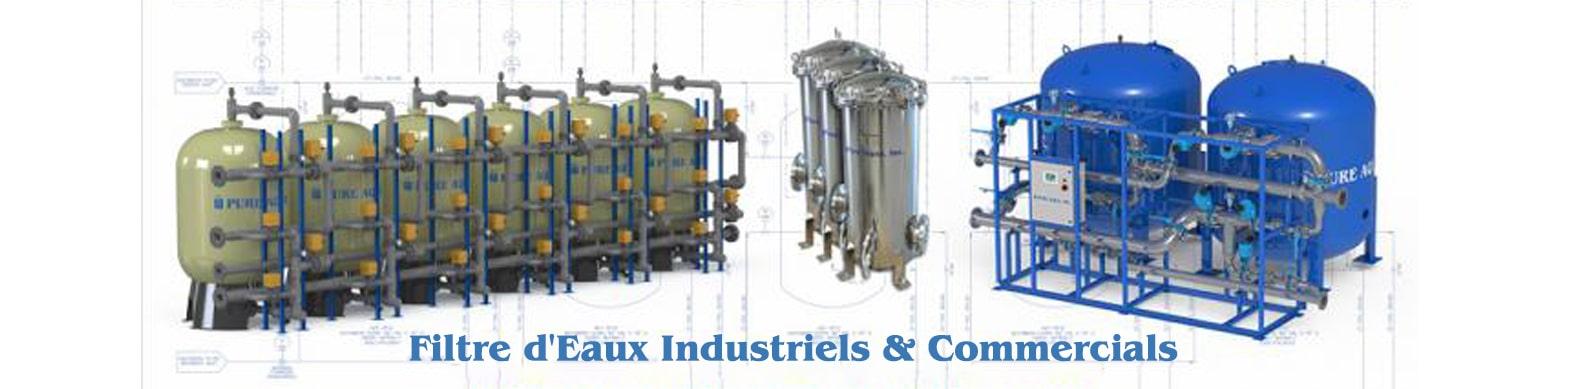 filtre-d-eaux-industriels-commercials.jpg